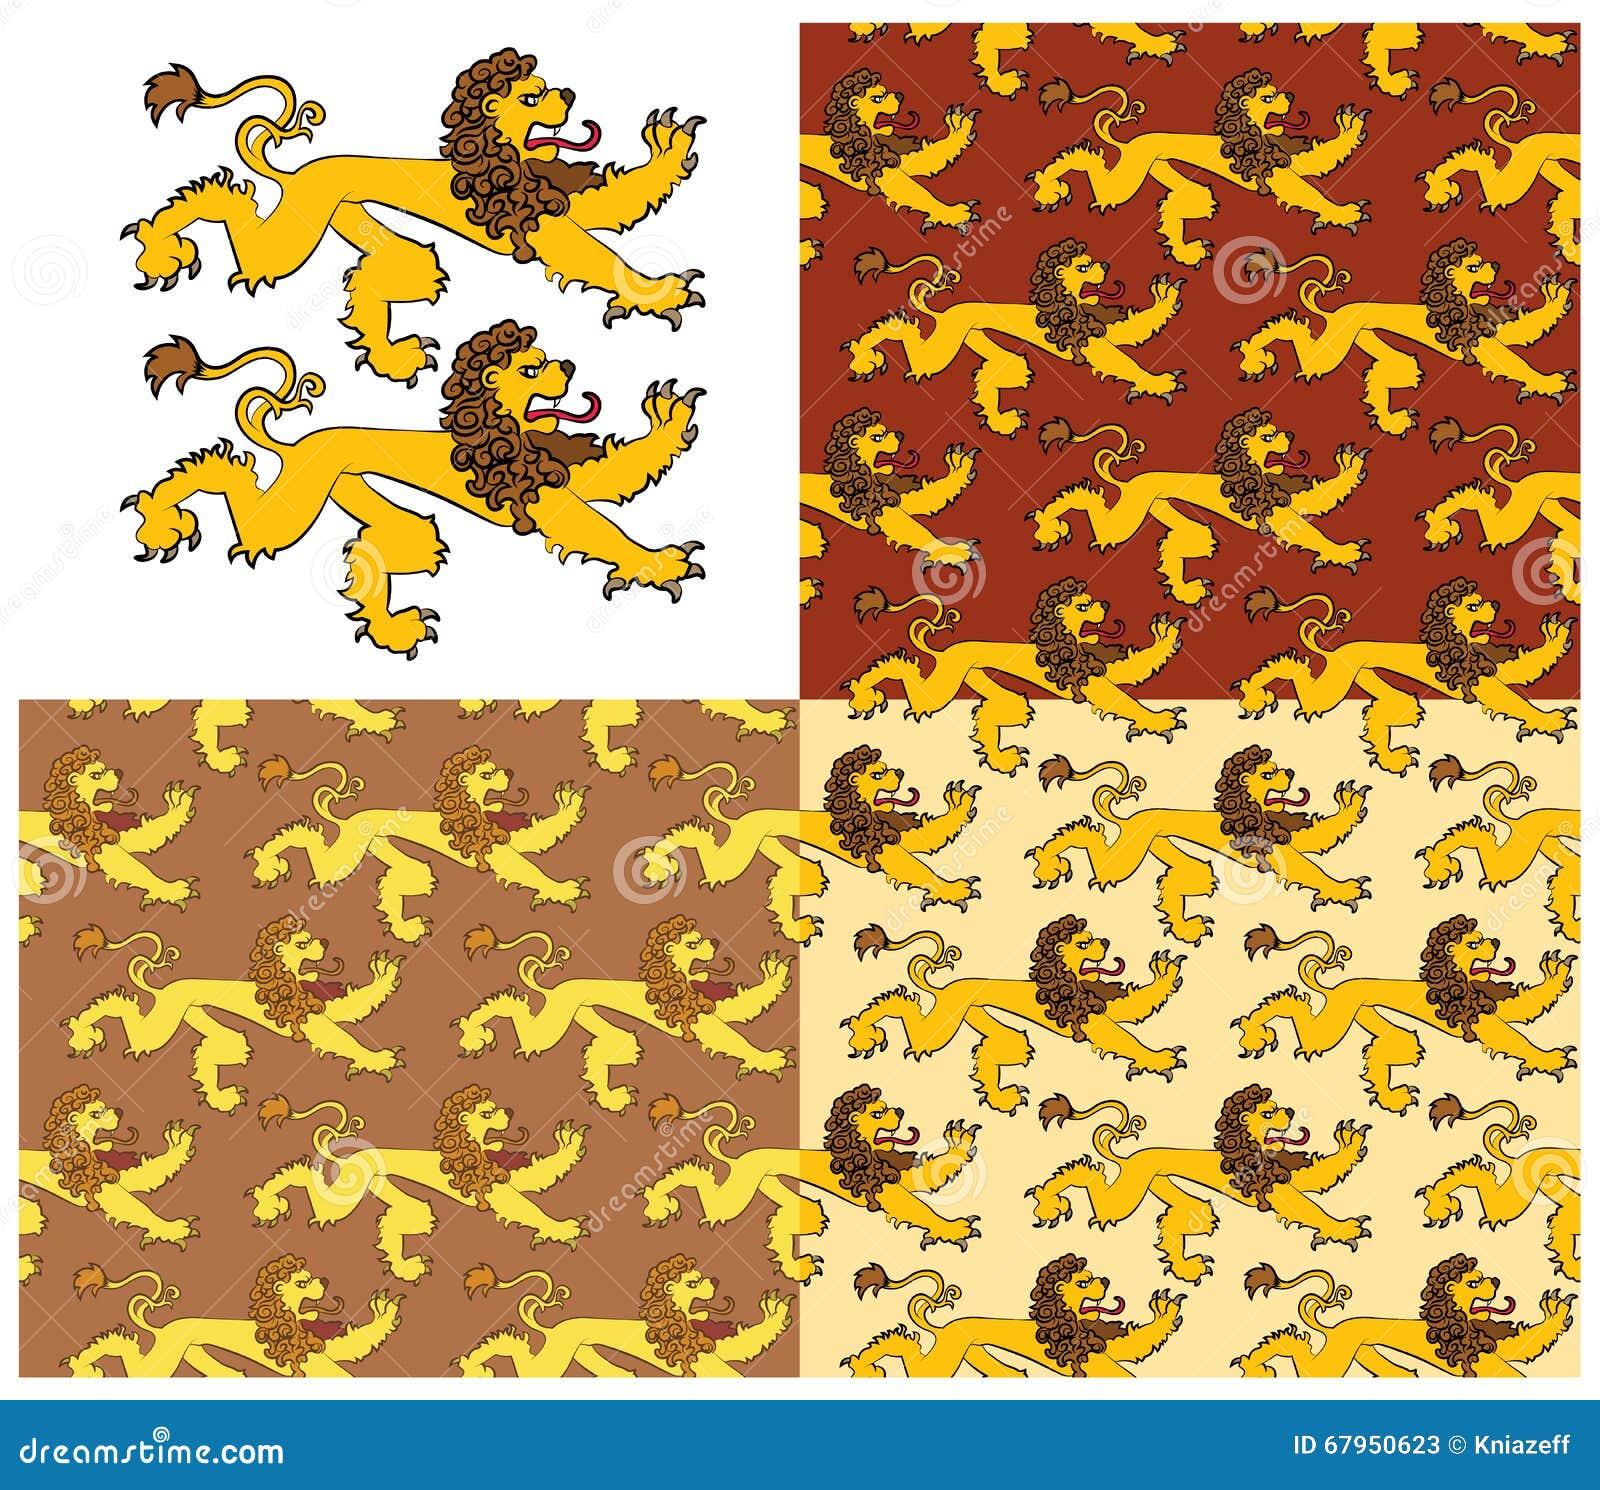 狮子的纹章学图